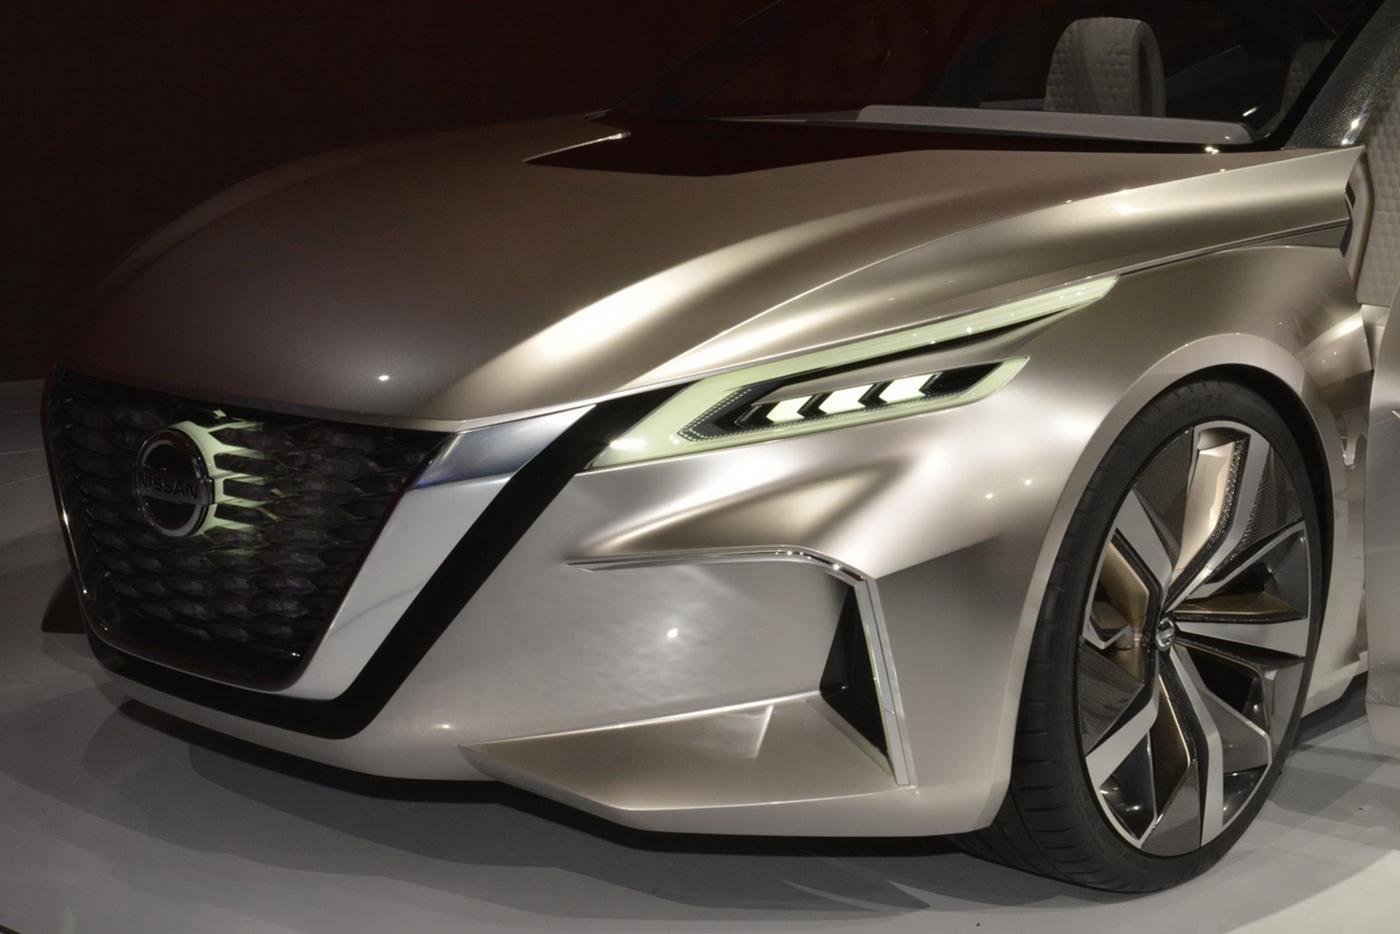 """Chiêm ngưỡng mẫu concept """"tuyệt đẹp"""" Nissan Vmotion 2.0 - ảnh 5"""